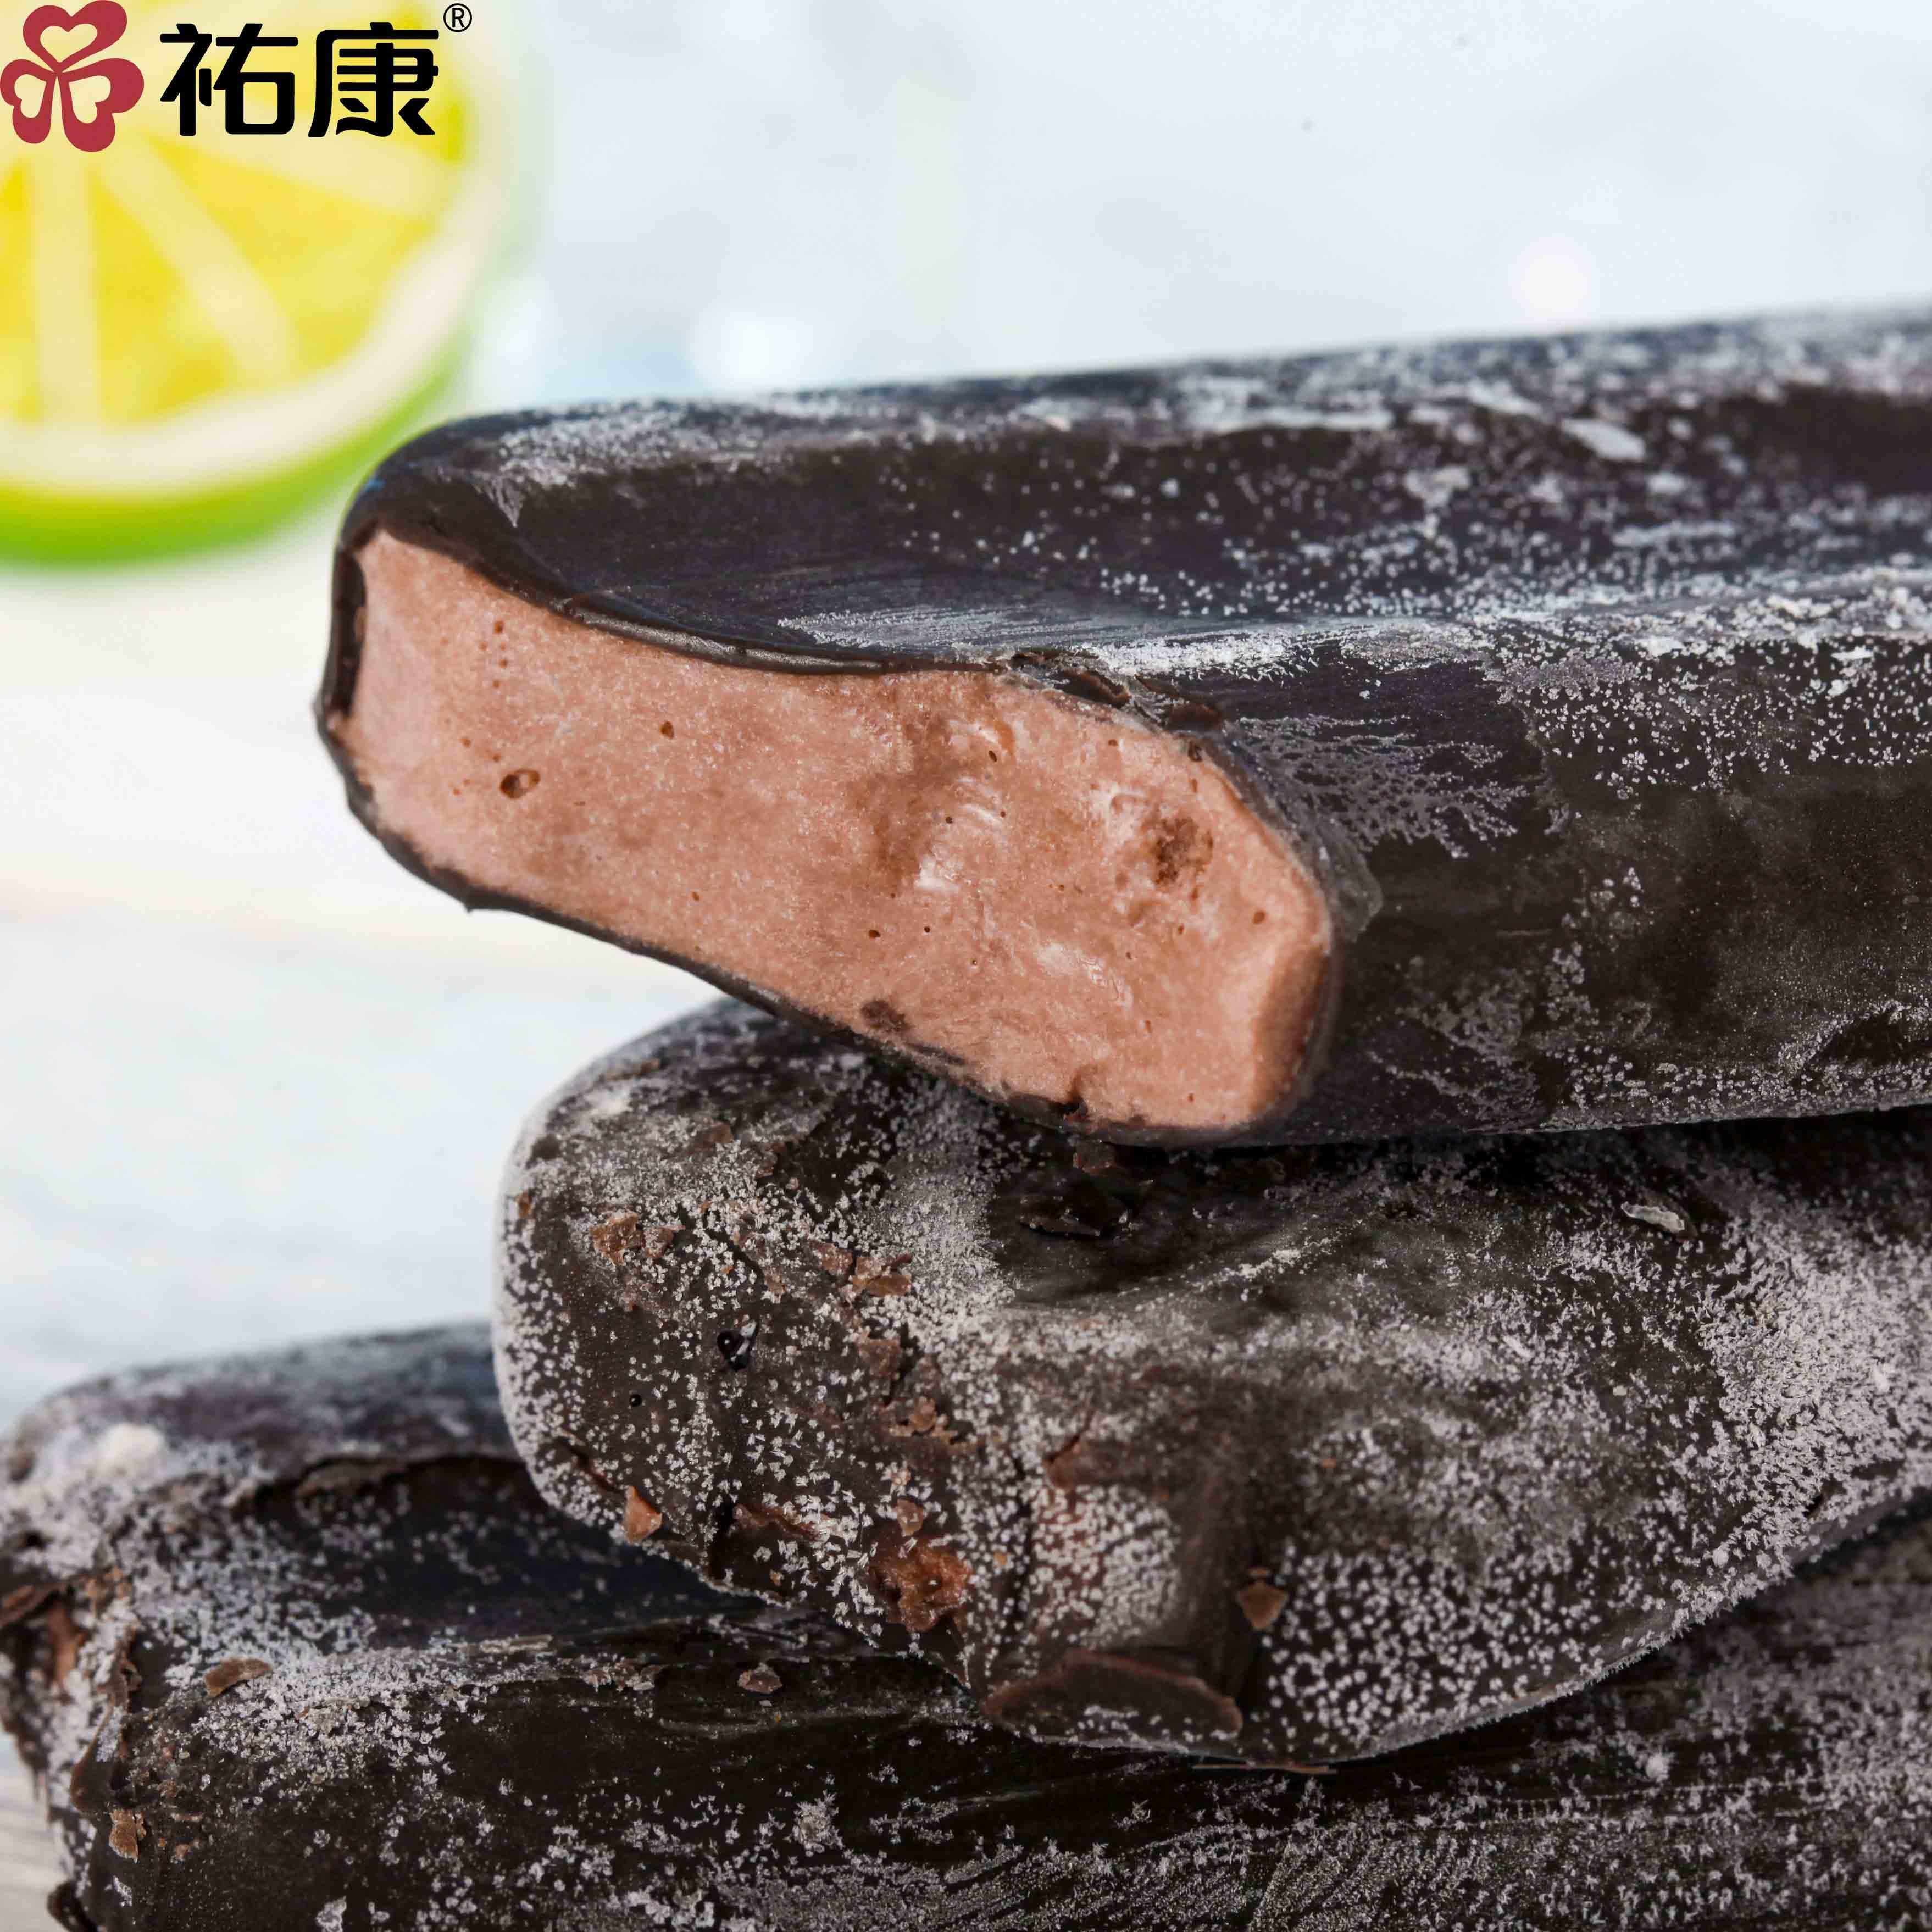 黑巧克力脆皮雪糕*40支棒冰棒雪糕冷饮批发